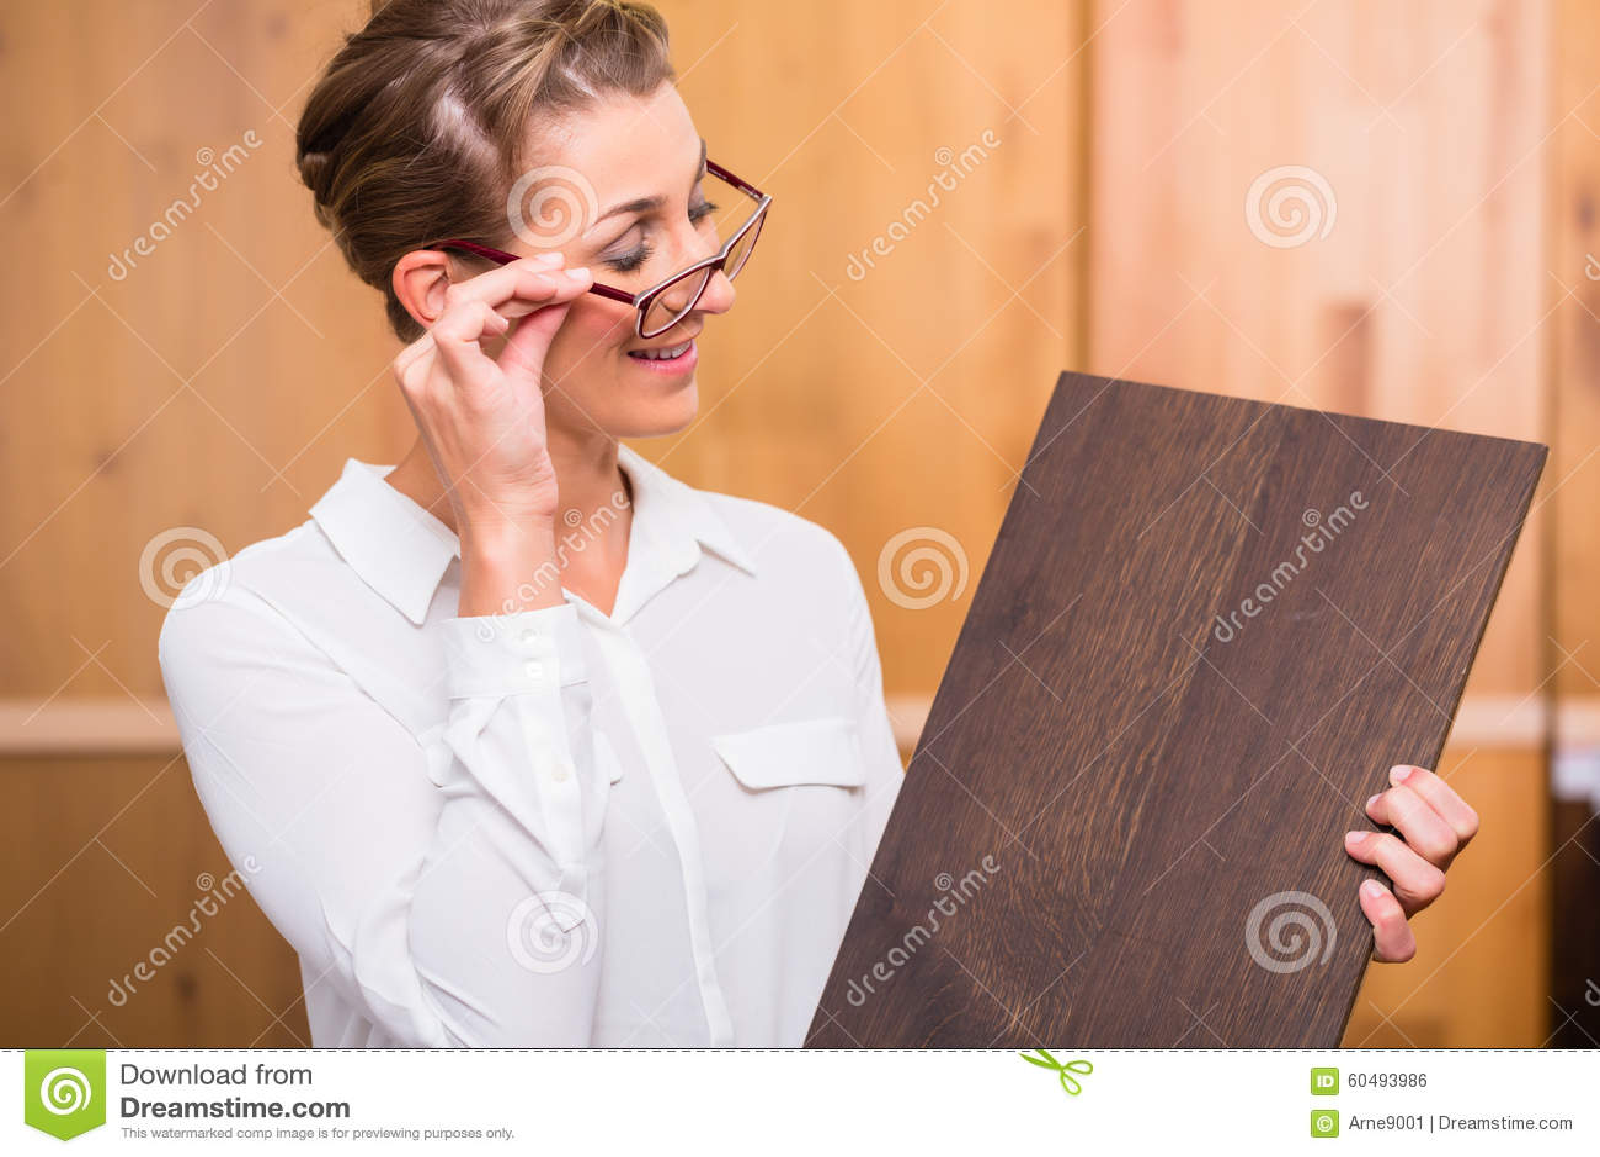 Interior architect choosing parquet wood floor